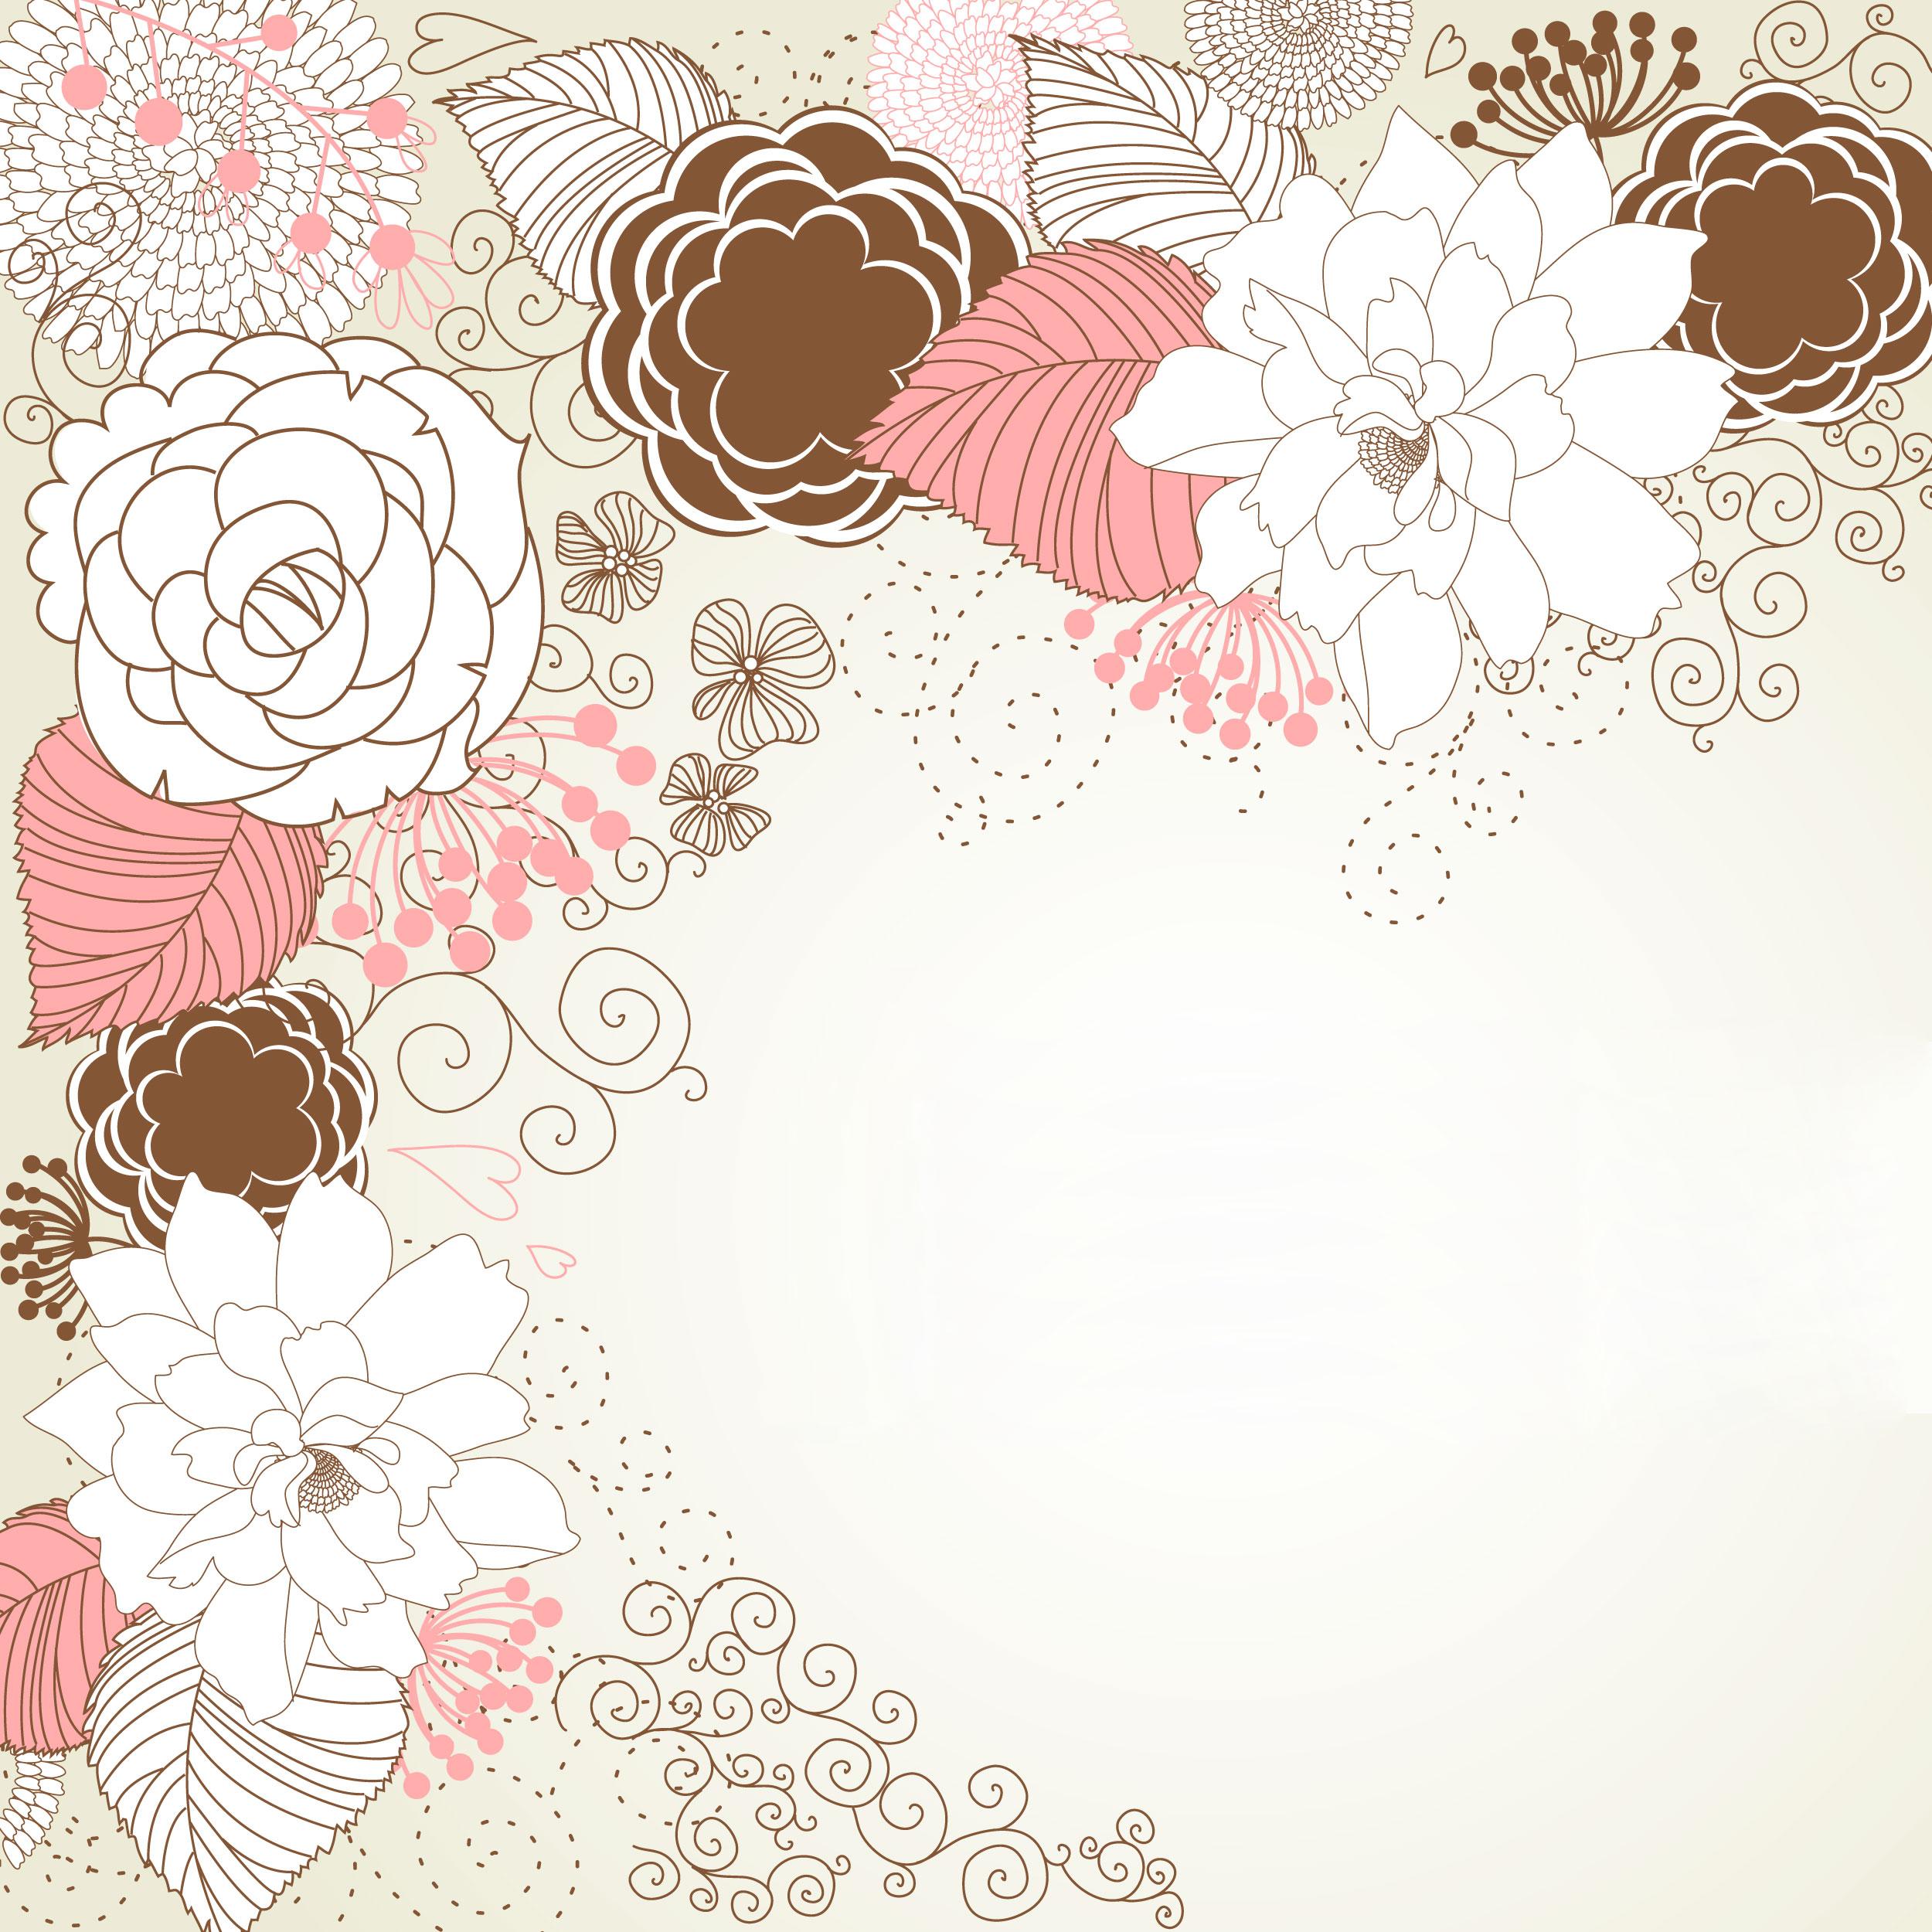 花のイラスト『壁紙・背景2』/無料のフリー素材集【百花繚乱】